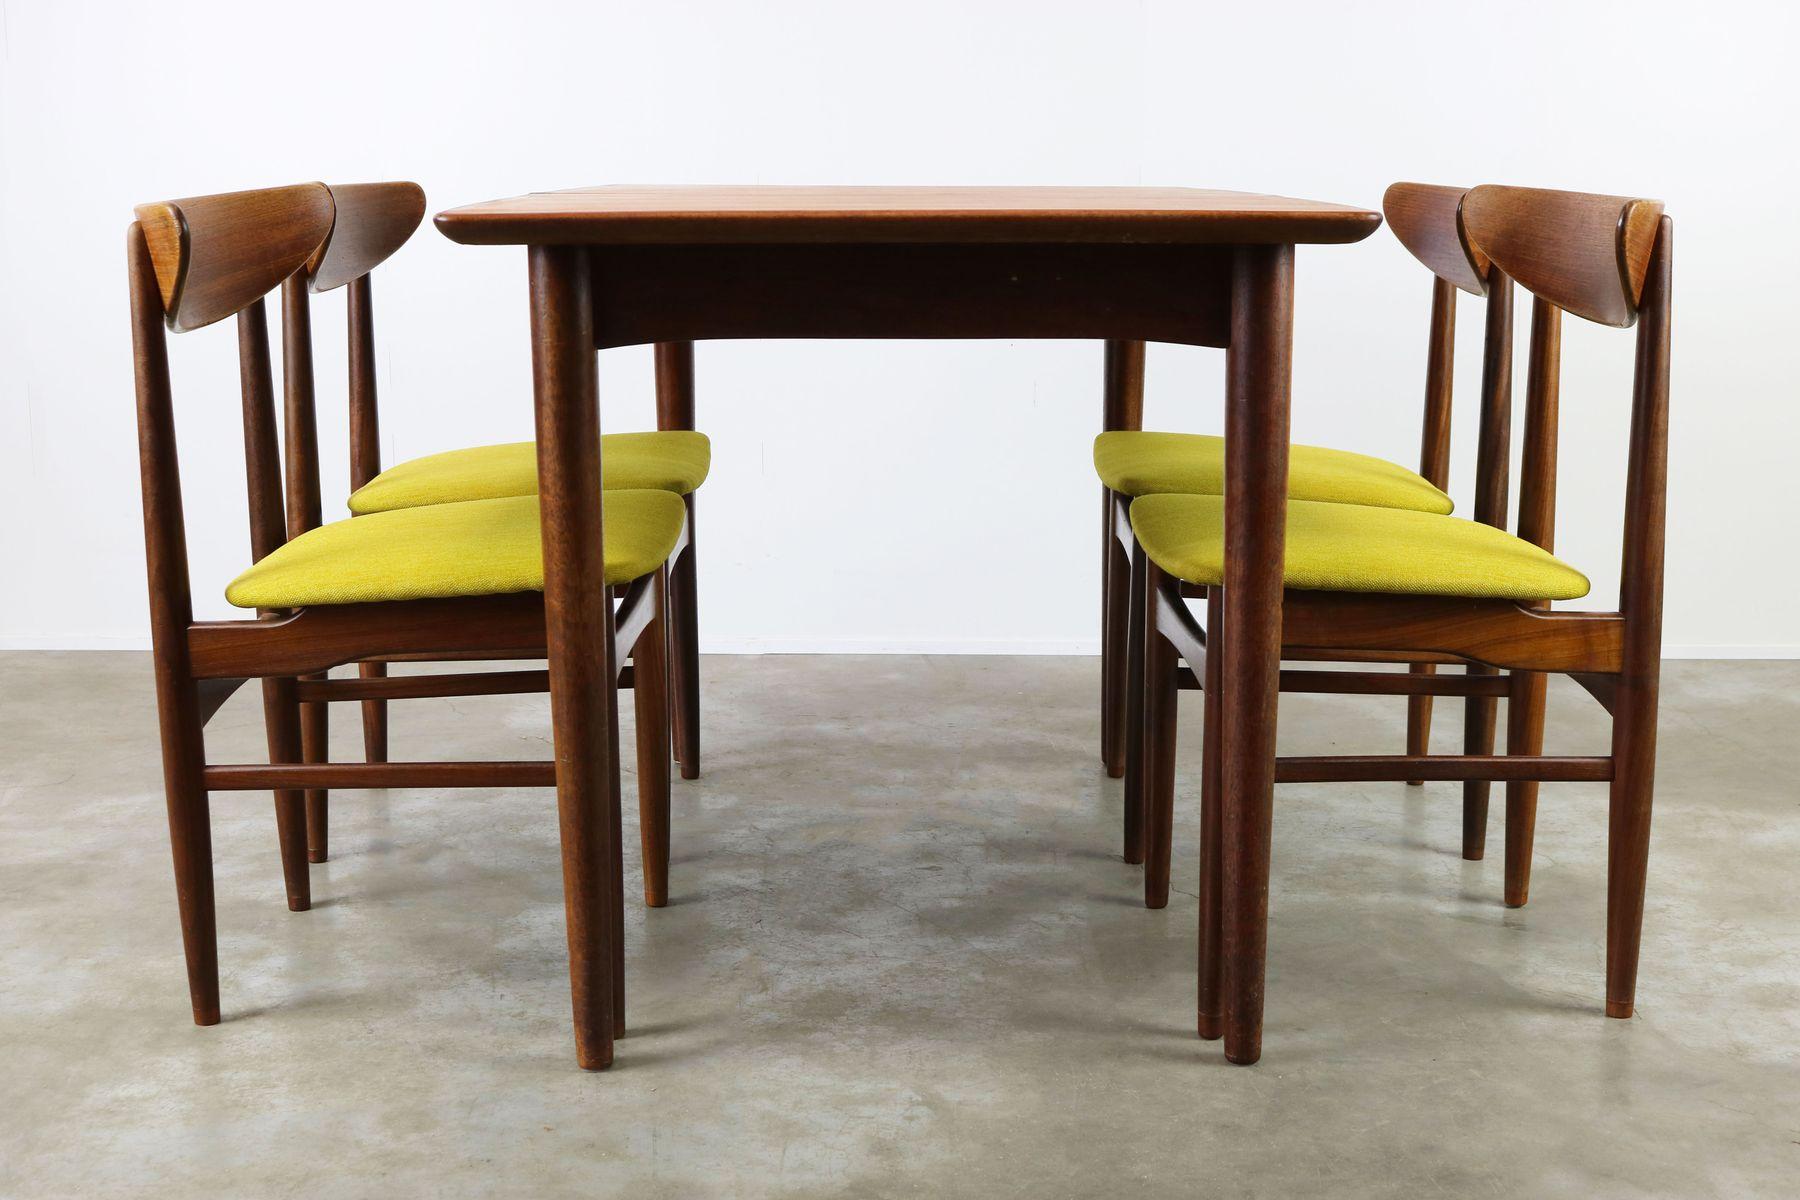 d nische ausziehbarer tisch 4 st hle von dyrlund 1950er. Black Bedroom Furniture Sets. Home Design Ideas